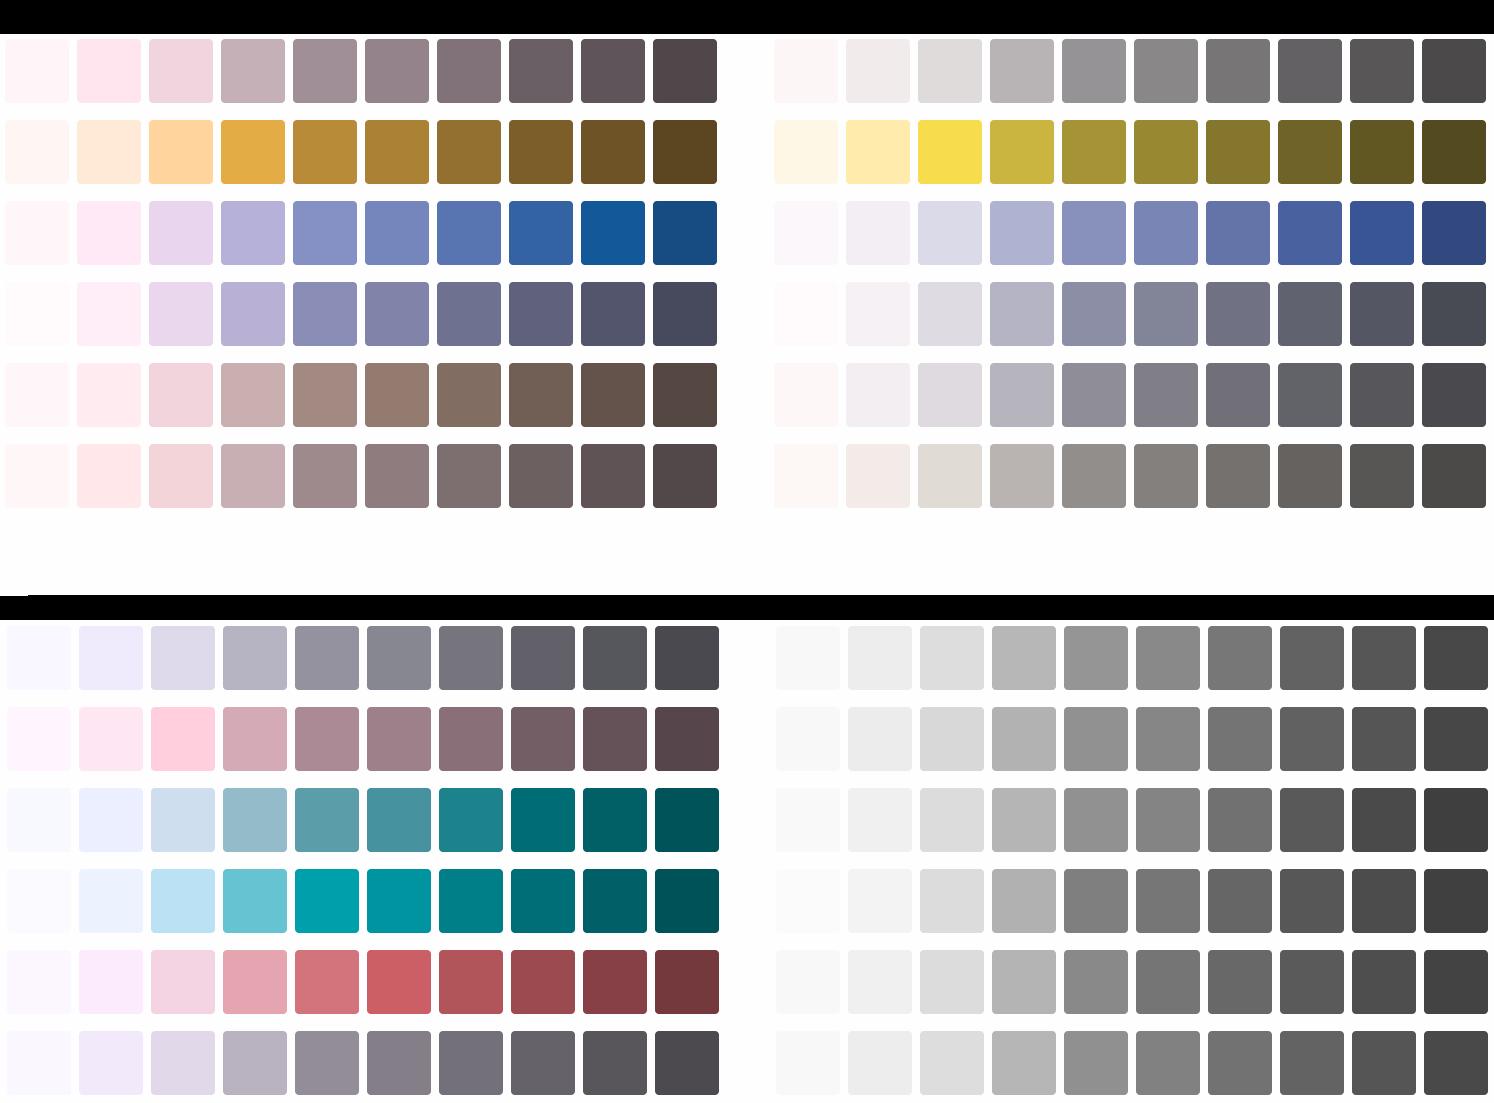 Palette affichée suivant différents types de daltonismes